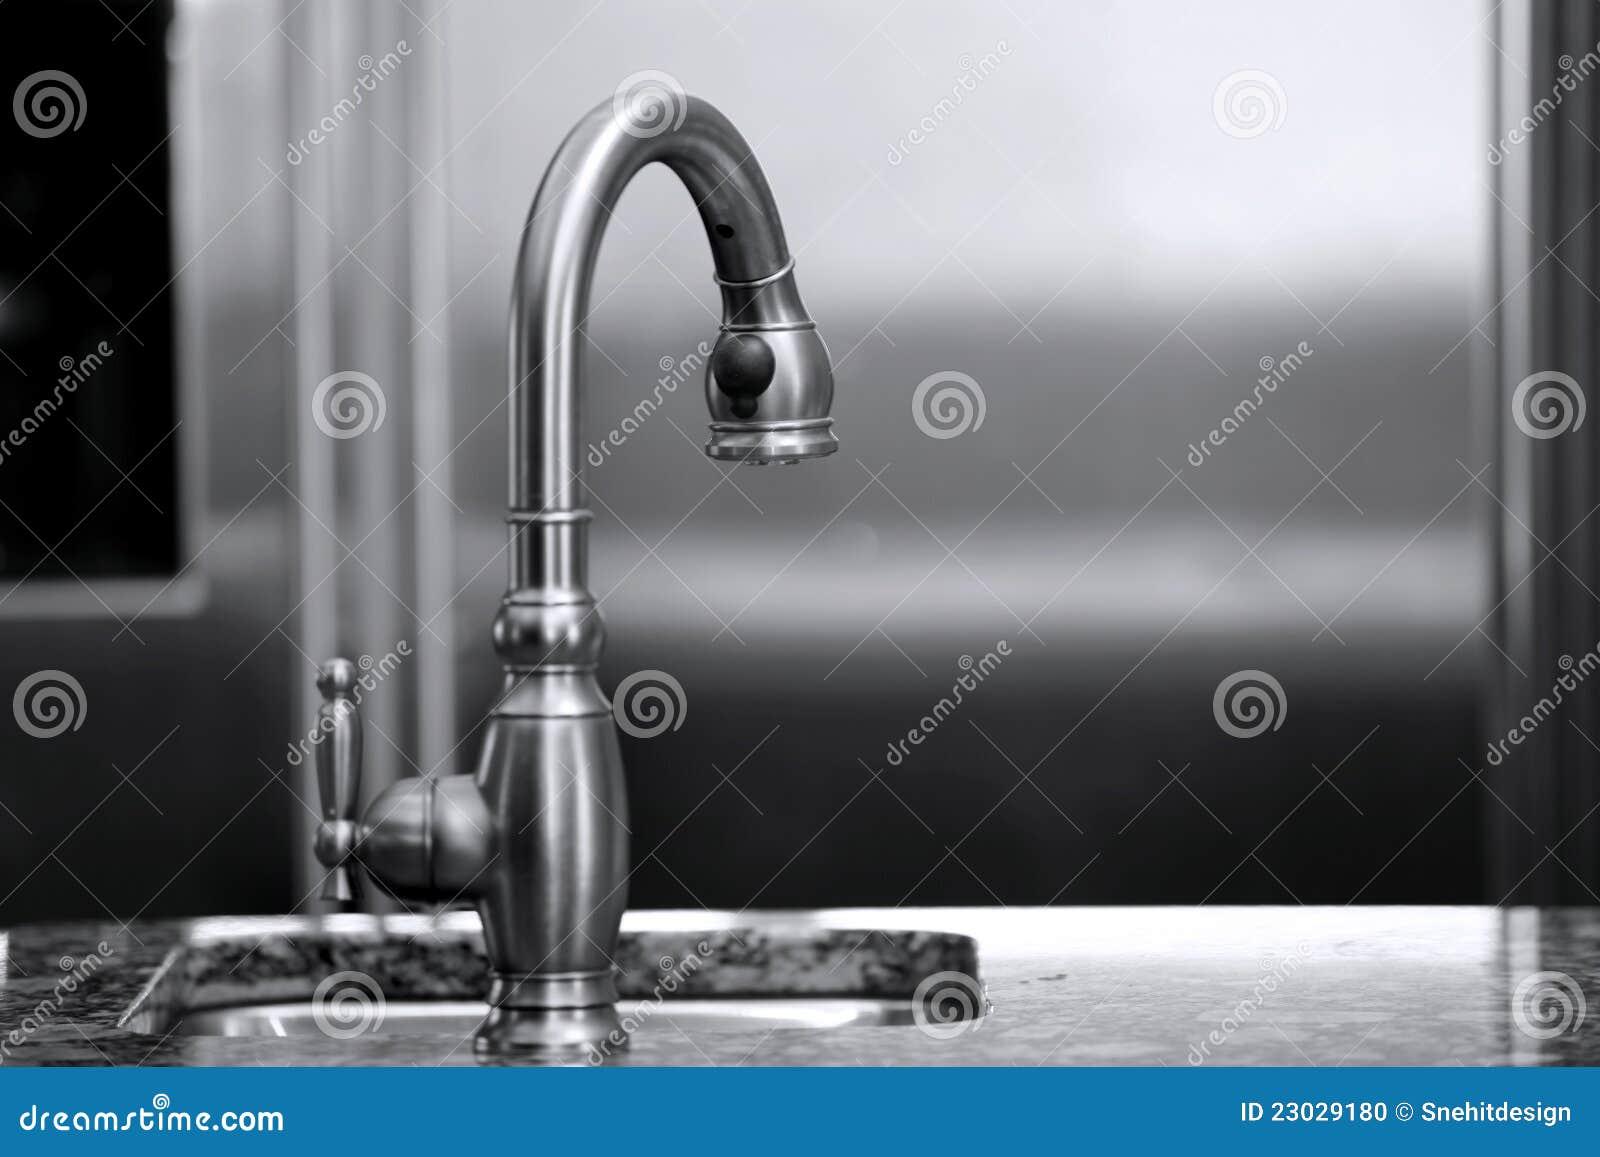 robinetdeluxedecuisine23029180jpg